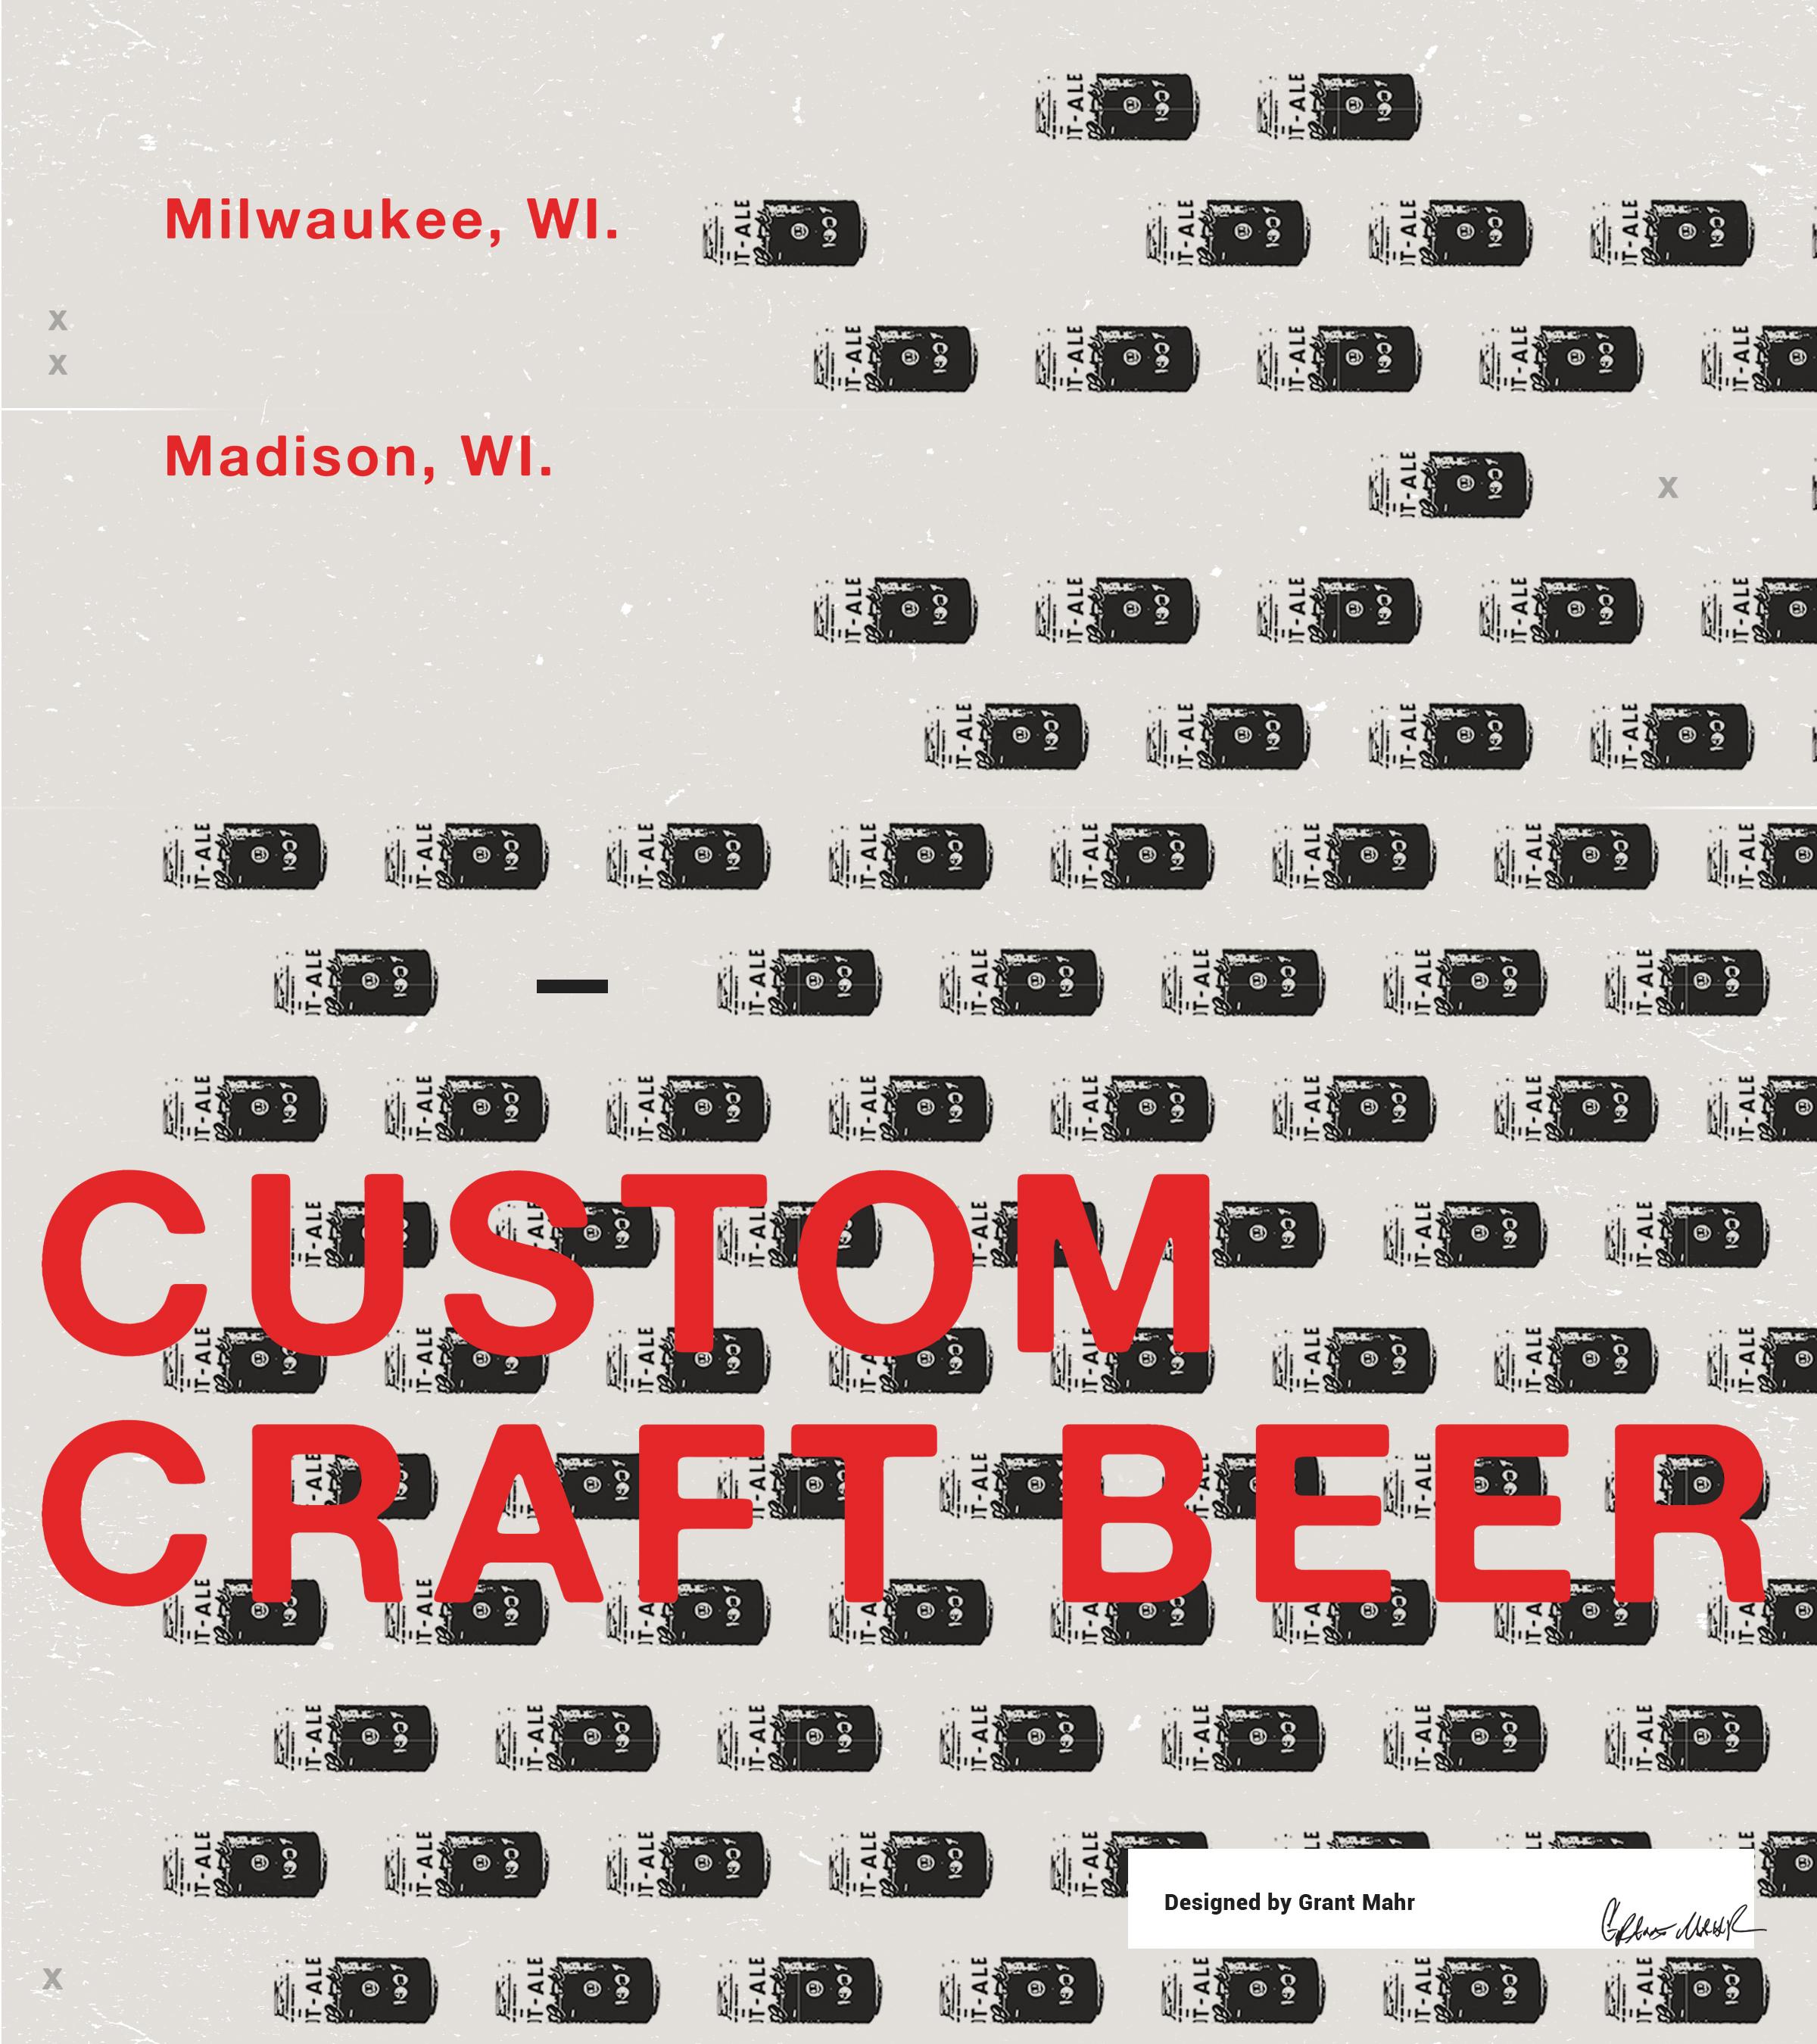 Mobcraft beer_mock up behance2.jpg